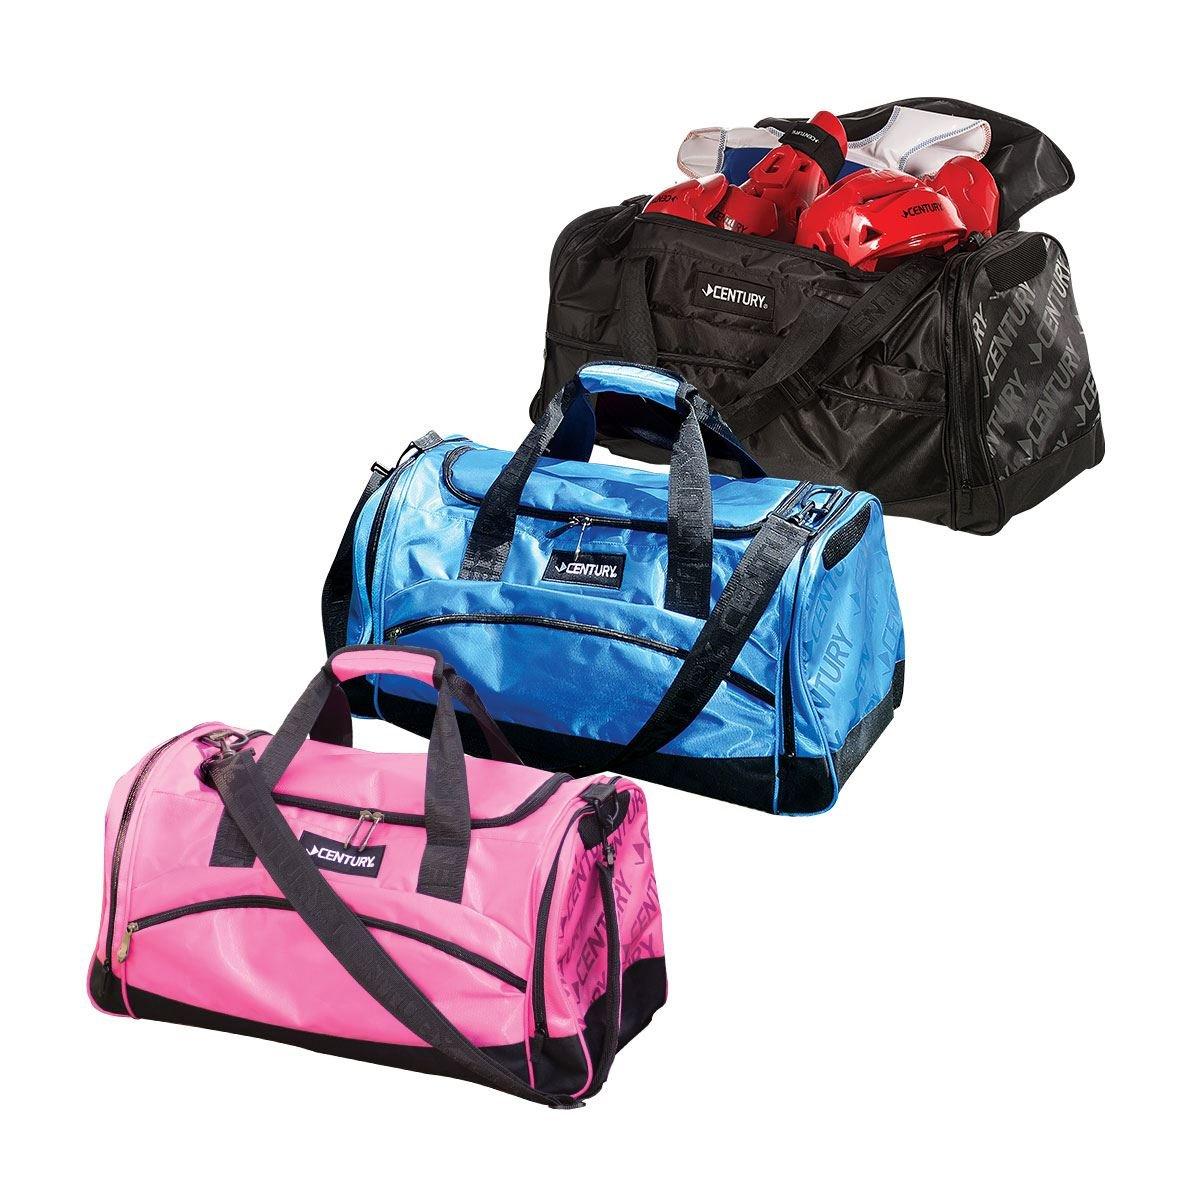 センチュリー2139-921213プレミアムスポーツバッグ - ピンク、ミディアム B00X6D3ACS